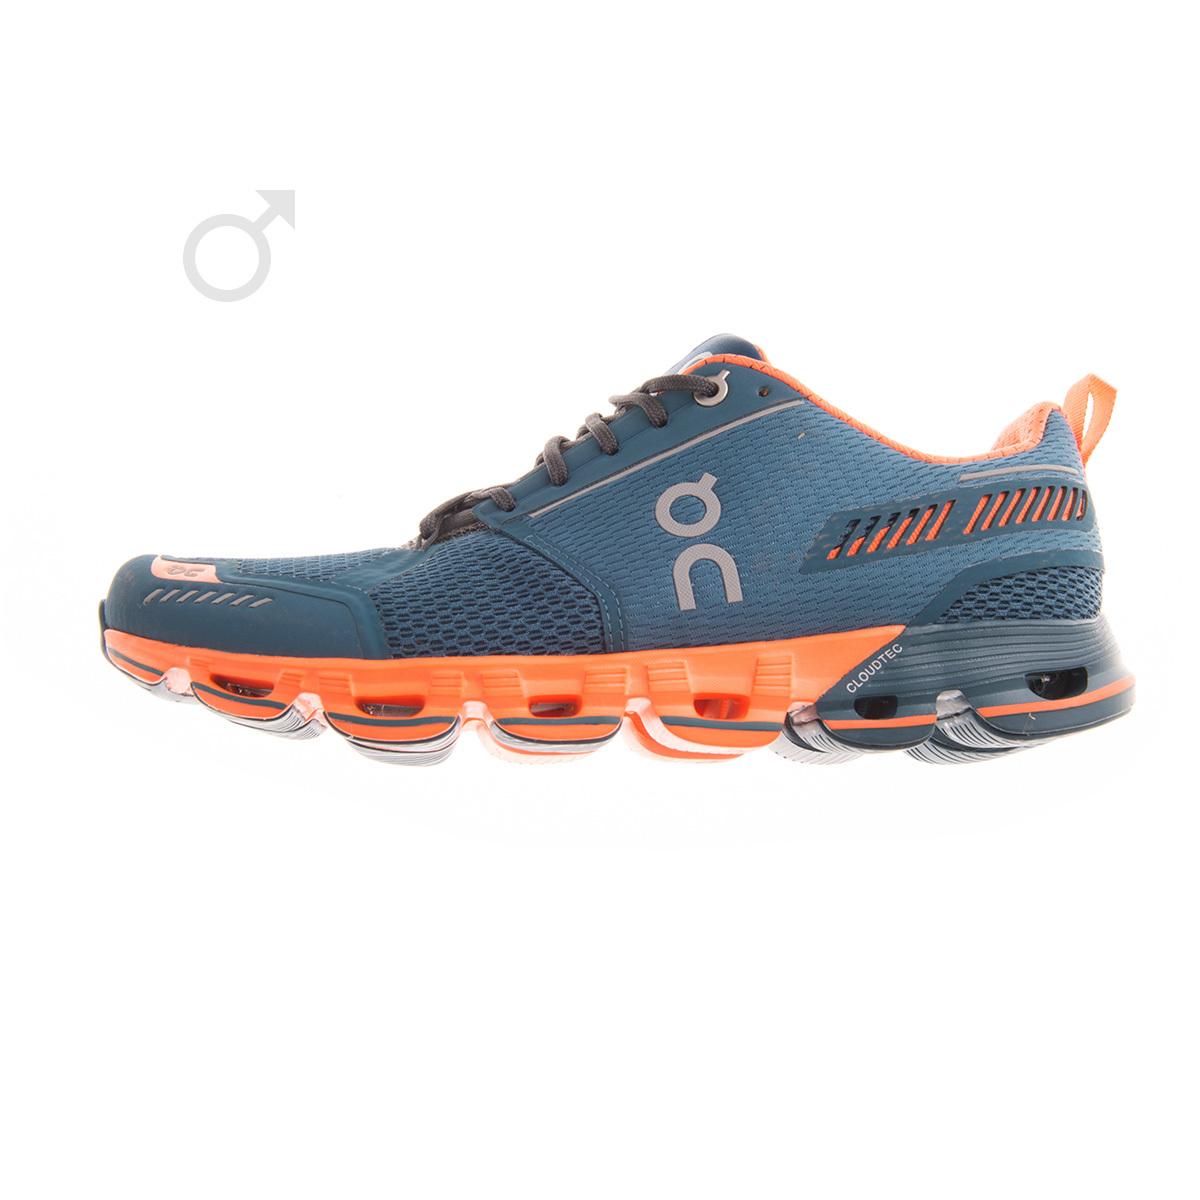 neue Season Detaillierung Kauf echt Qsport - ON Running Schuhe Cloudflyer